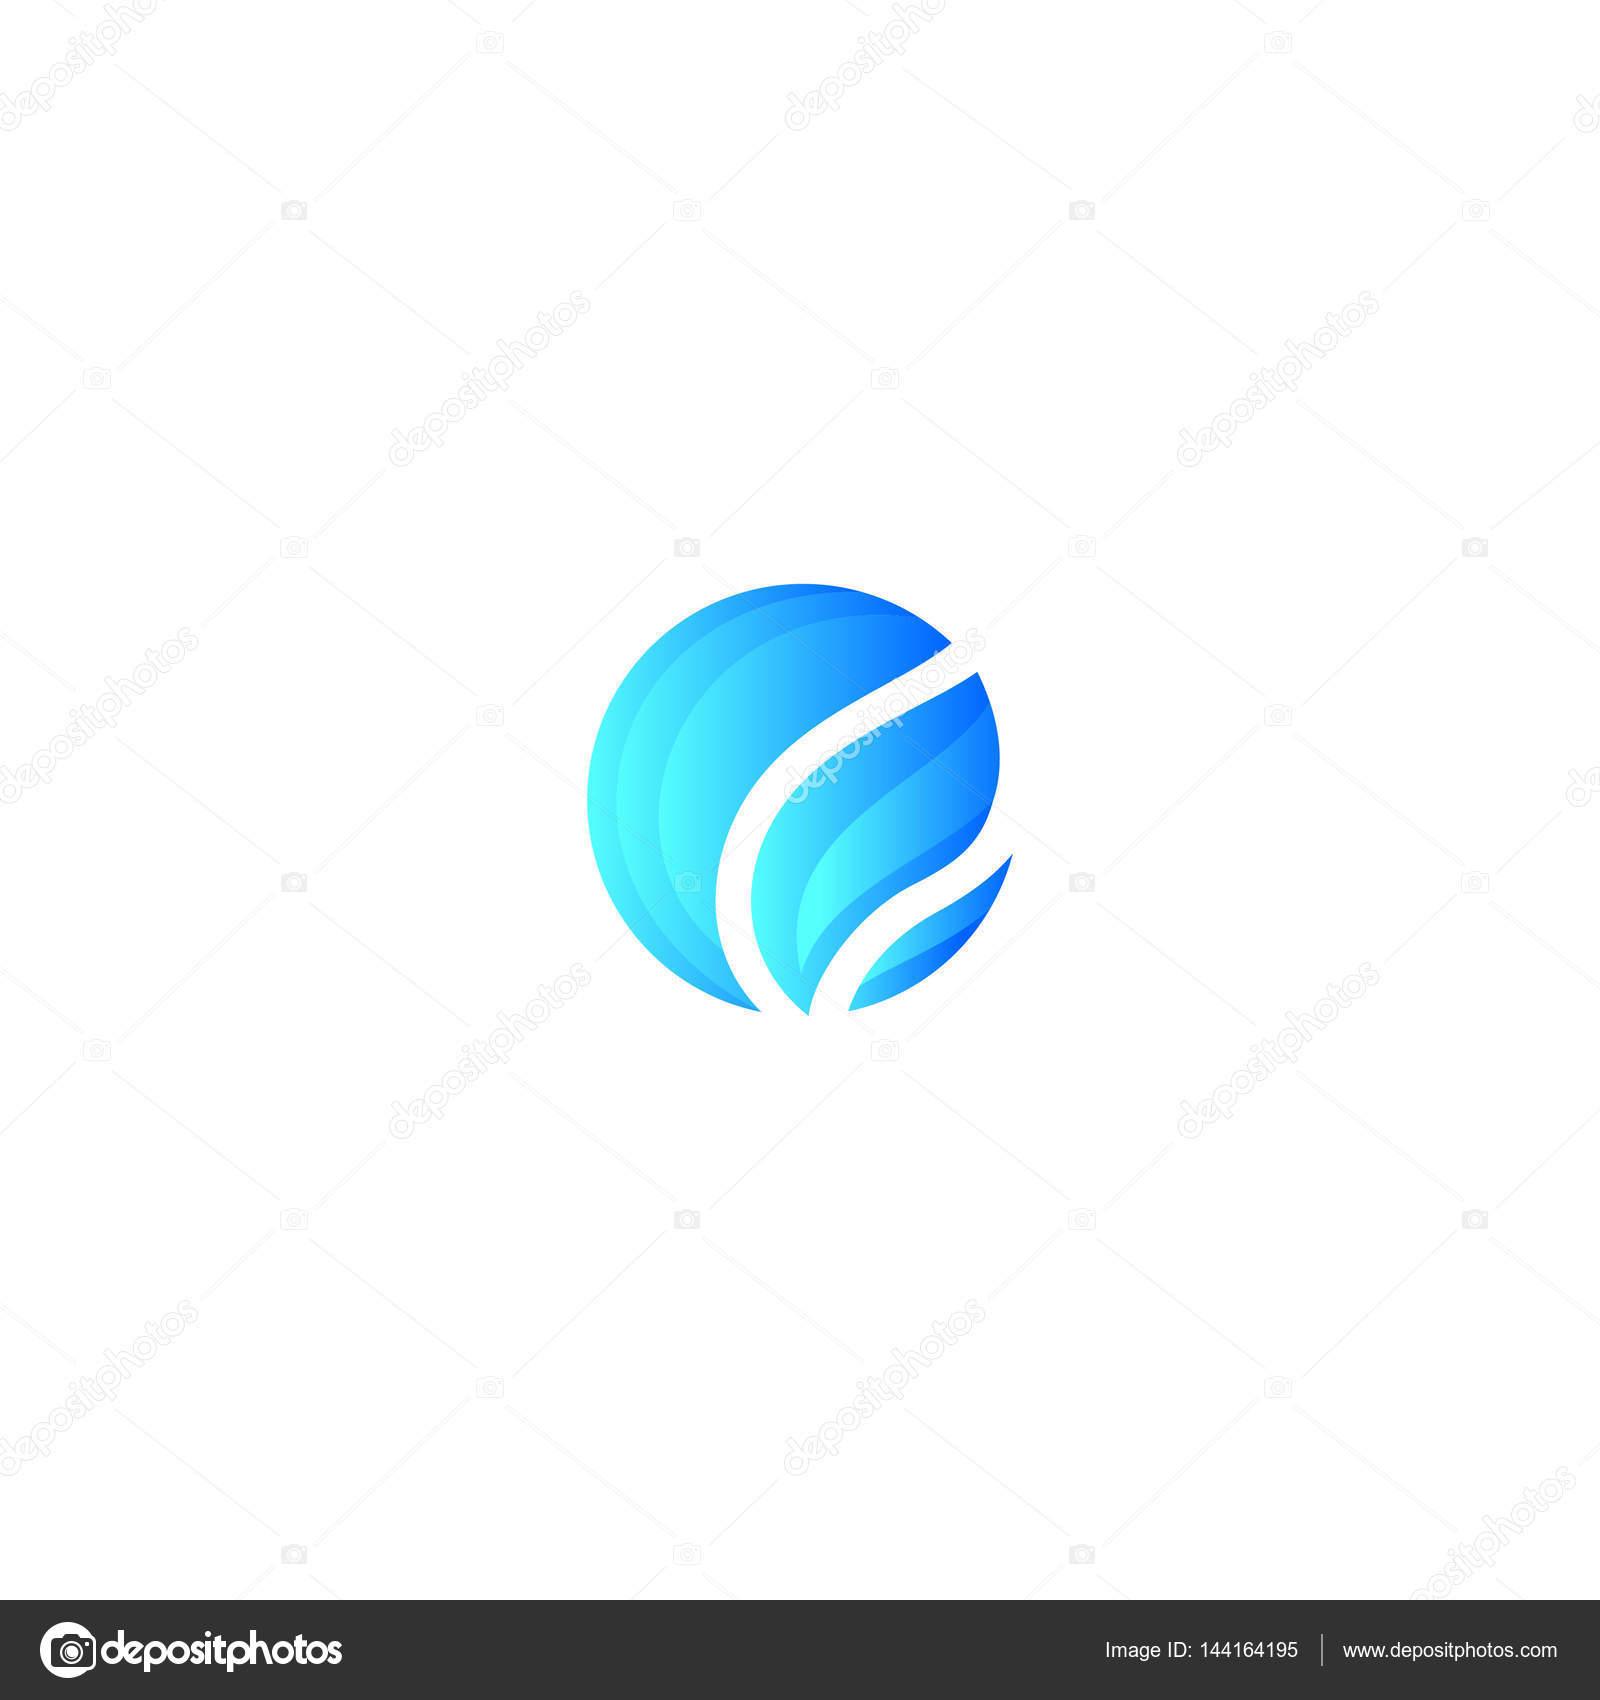 logotipo de fogo azul � vetor de stock 169 murrma 144164195